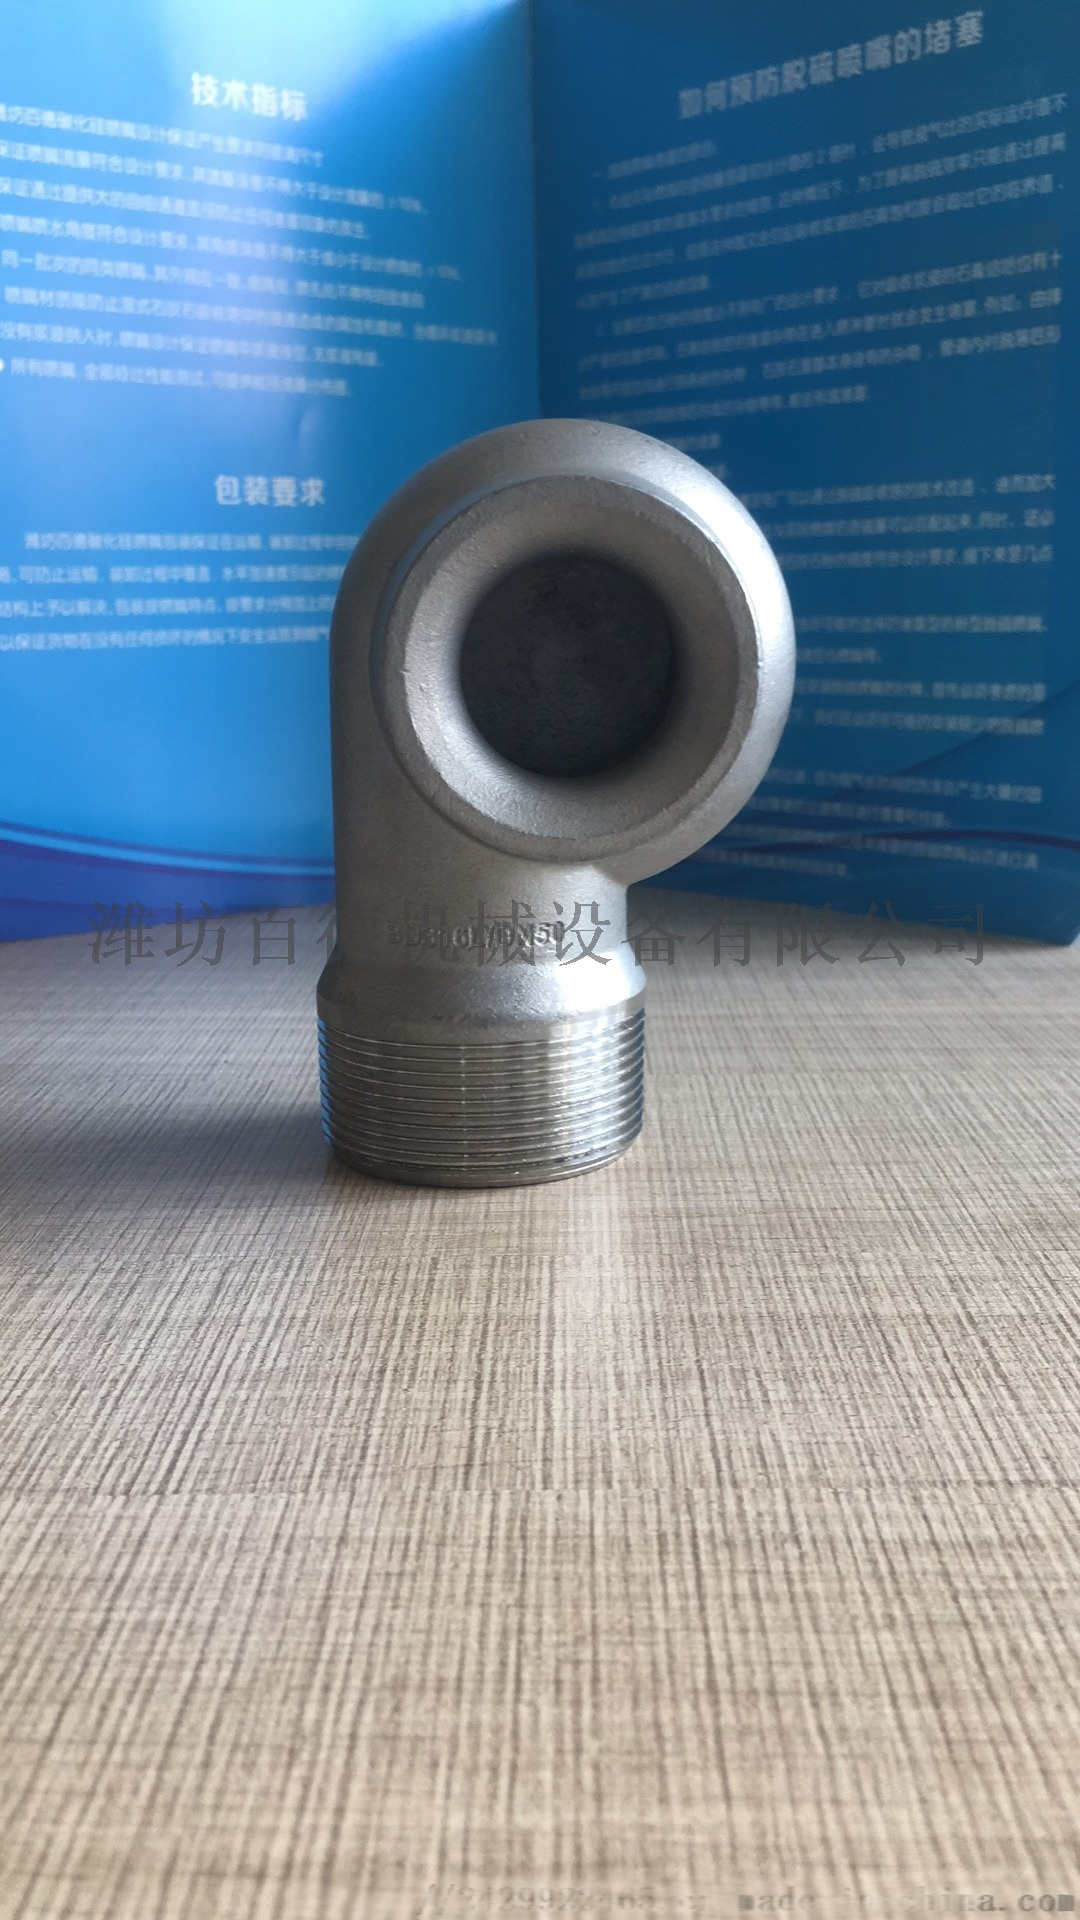 316L不锈钢蜗壳喷嘴厂家直销山东地区757487112